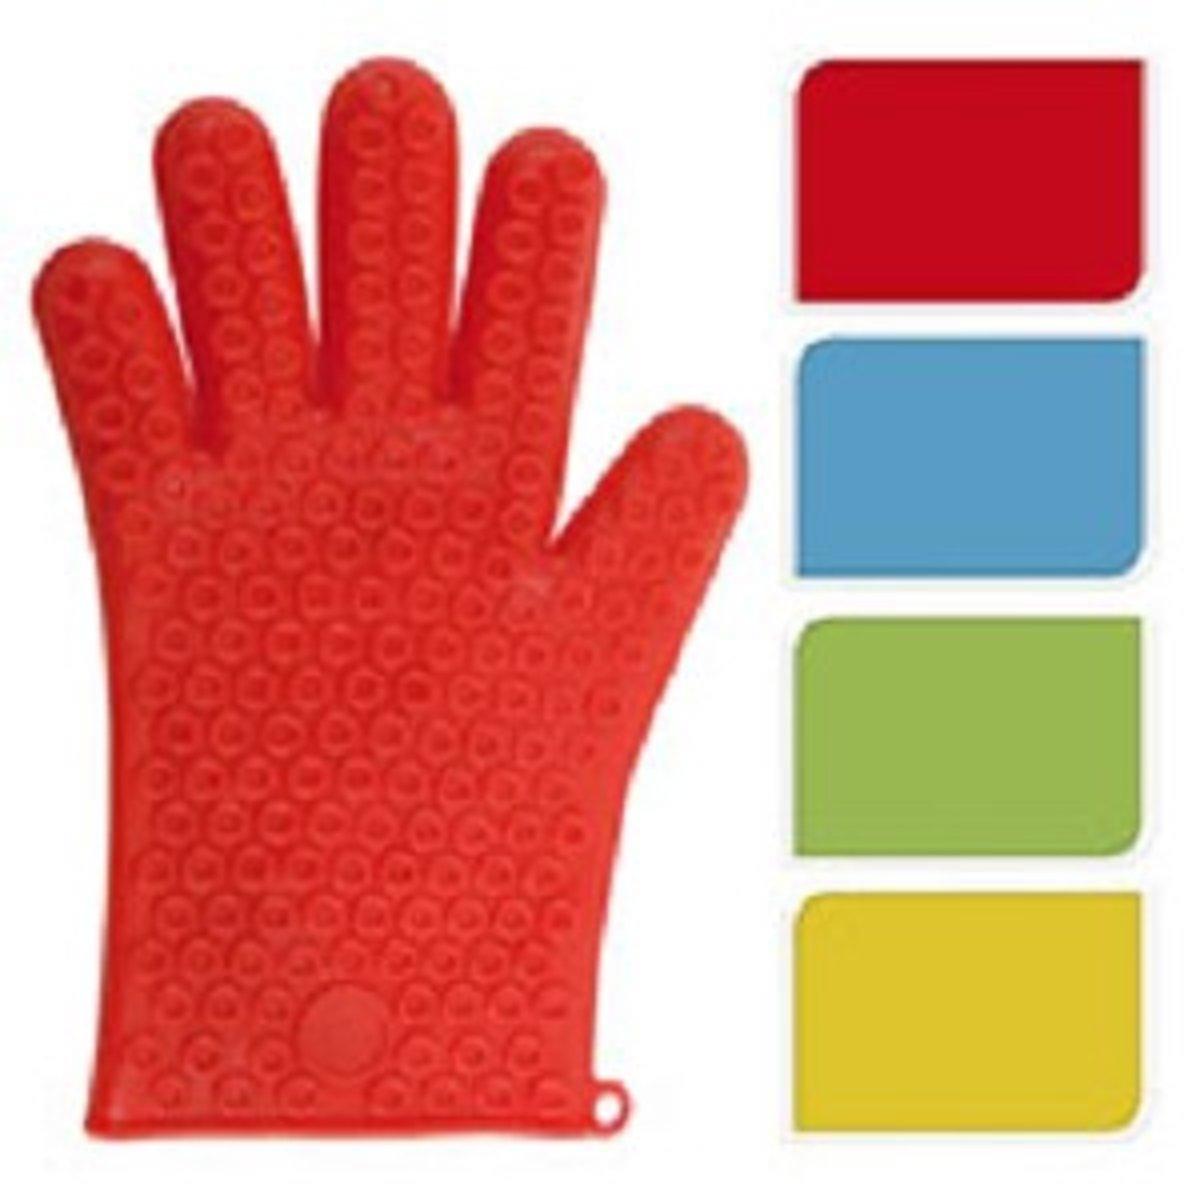 Oven Handschoen Siliconen Blauw kopen